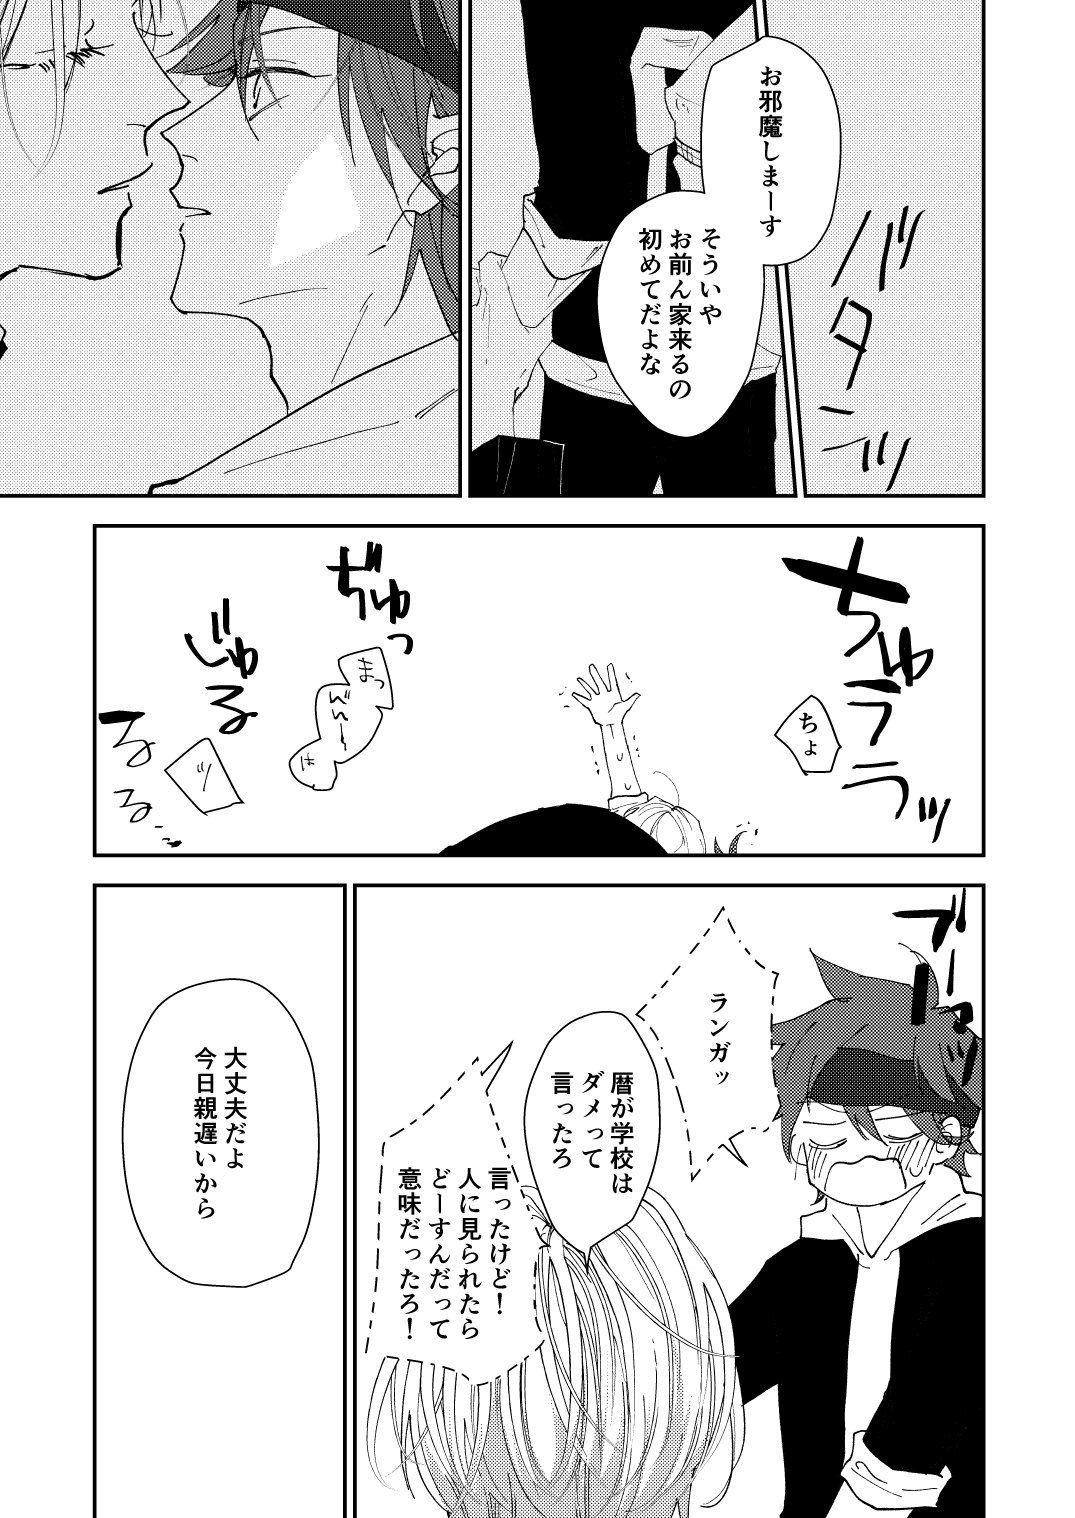 でんき on Twitter